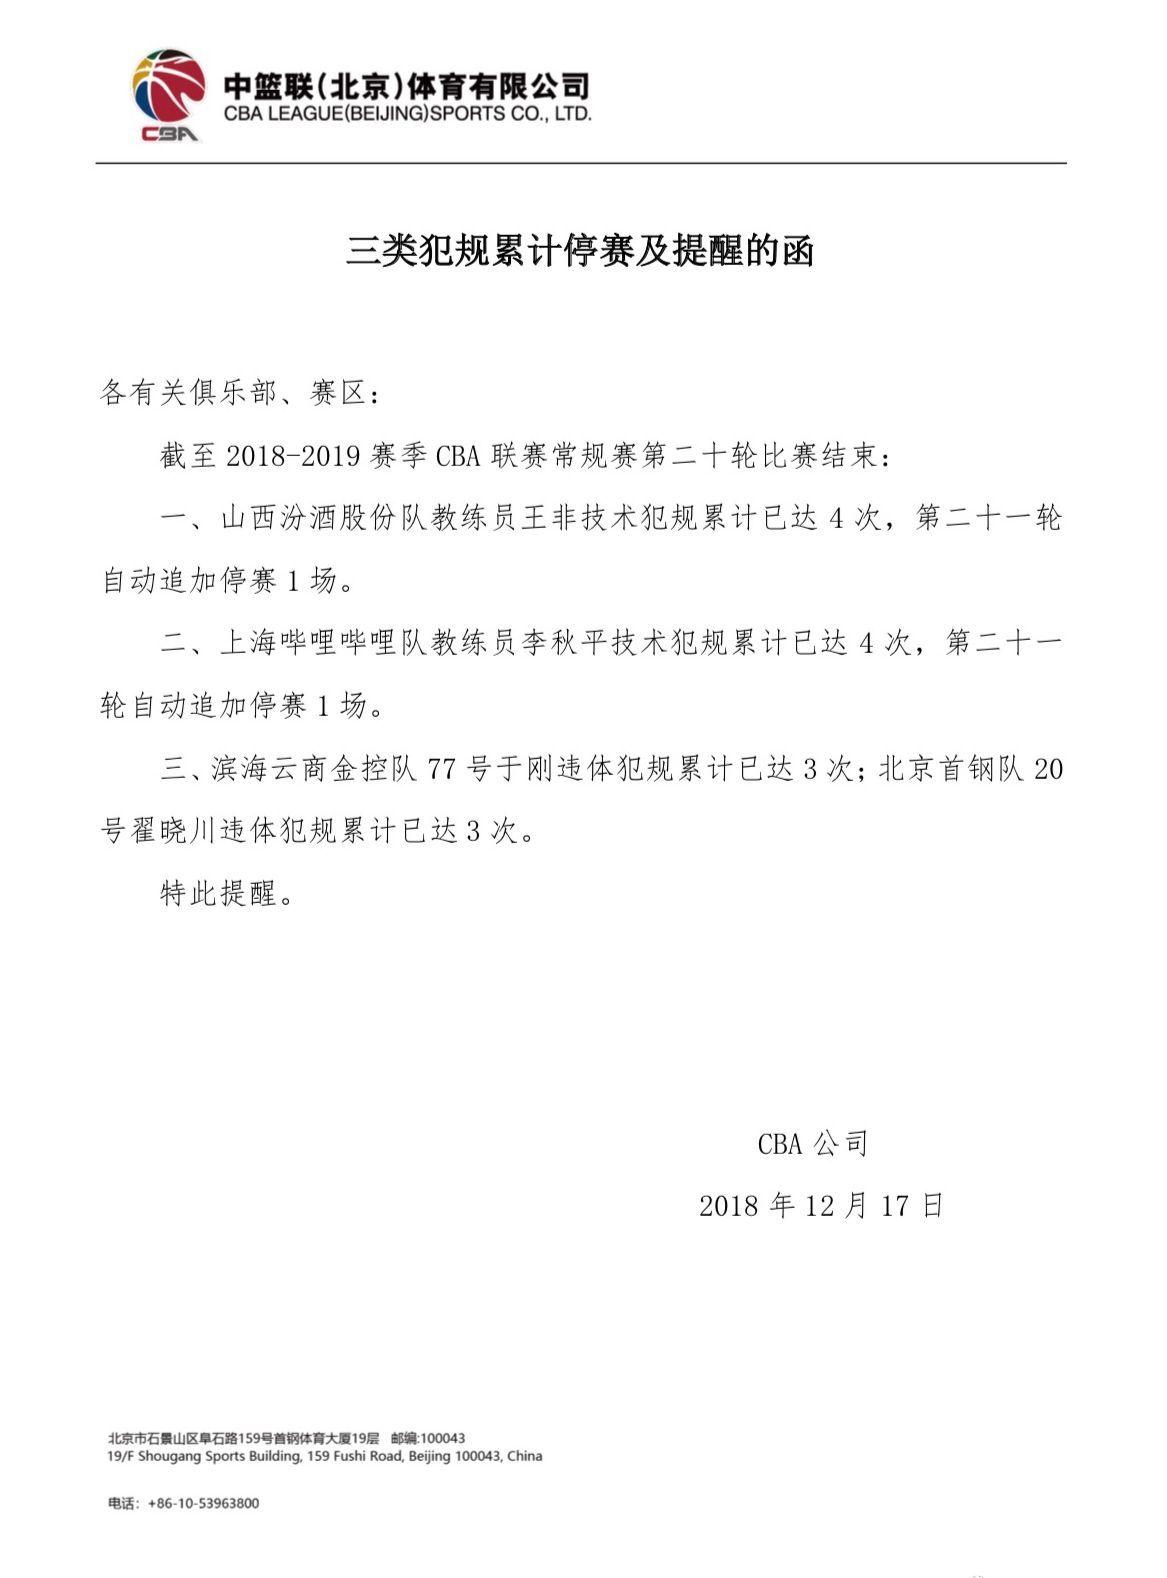 李秋平王非均因技犯累计满4次 将被自动停赛1场